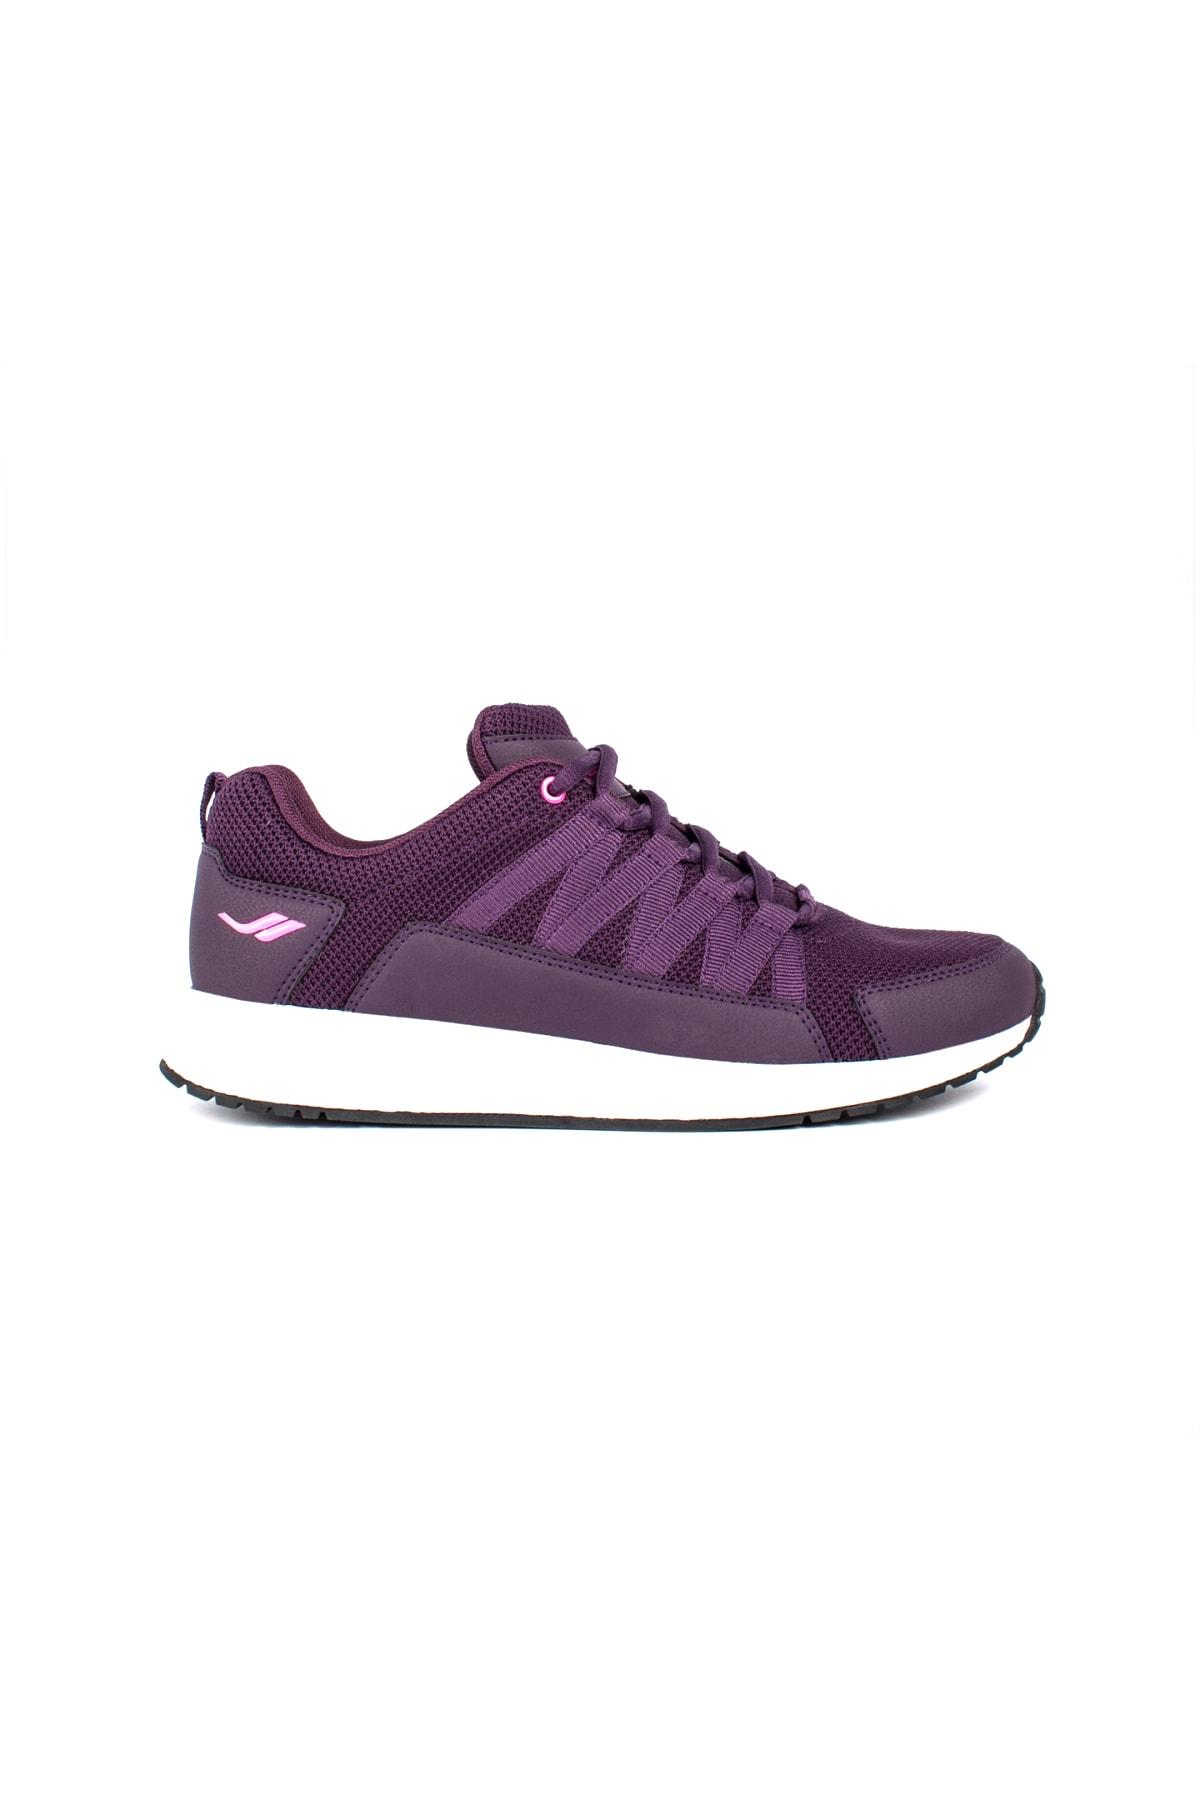 Lescon Kadın Mor  Easystep  Günlük Spor Ayakkabı L-5616 1